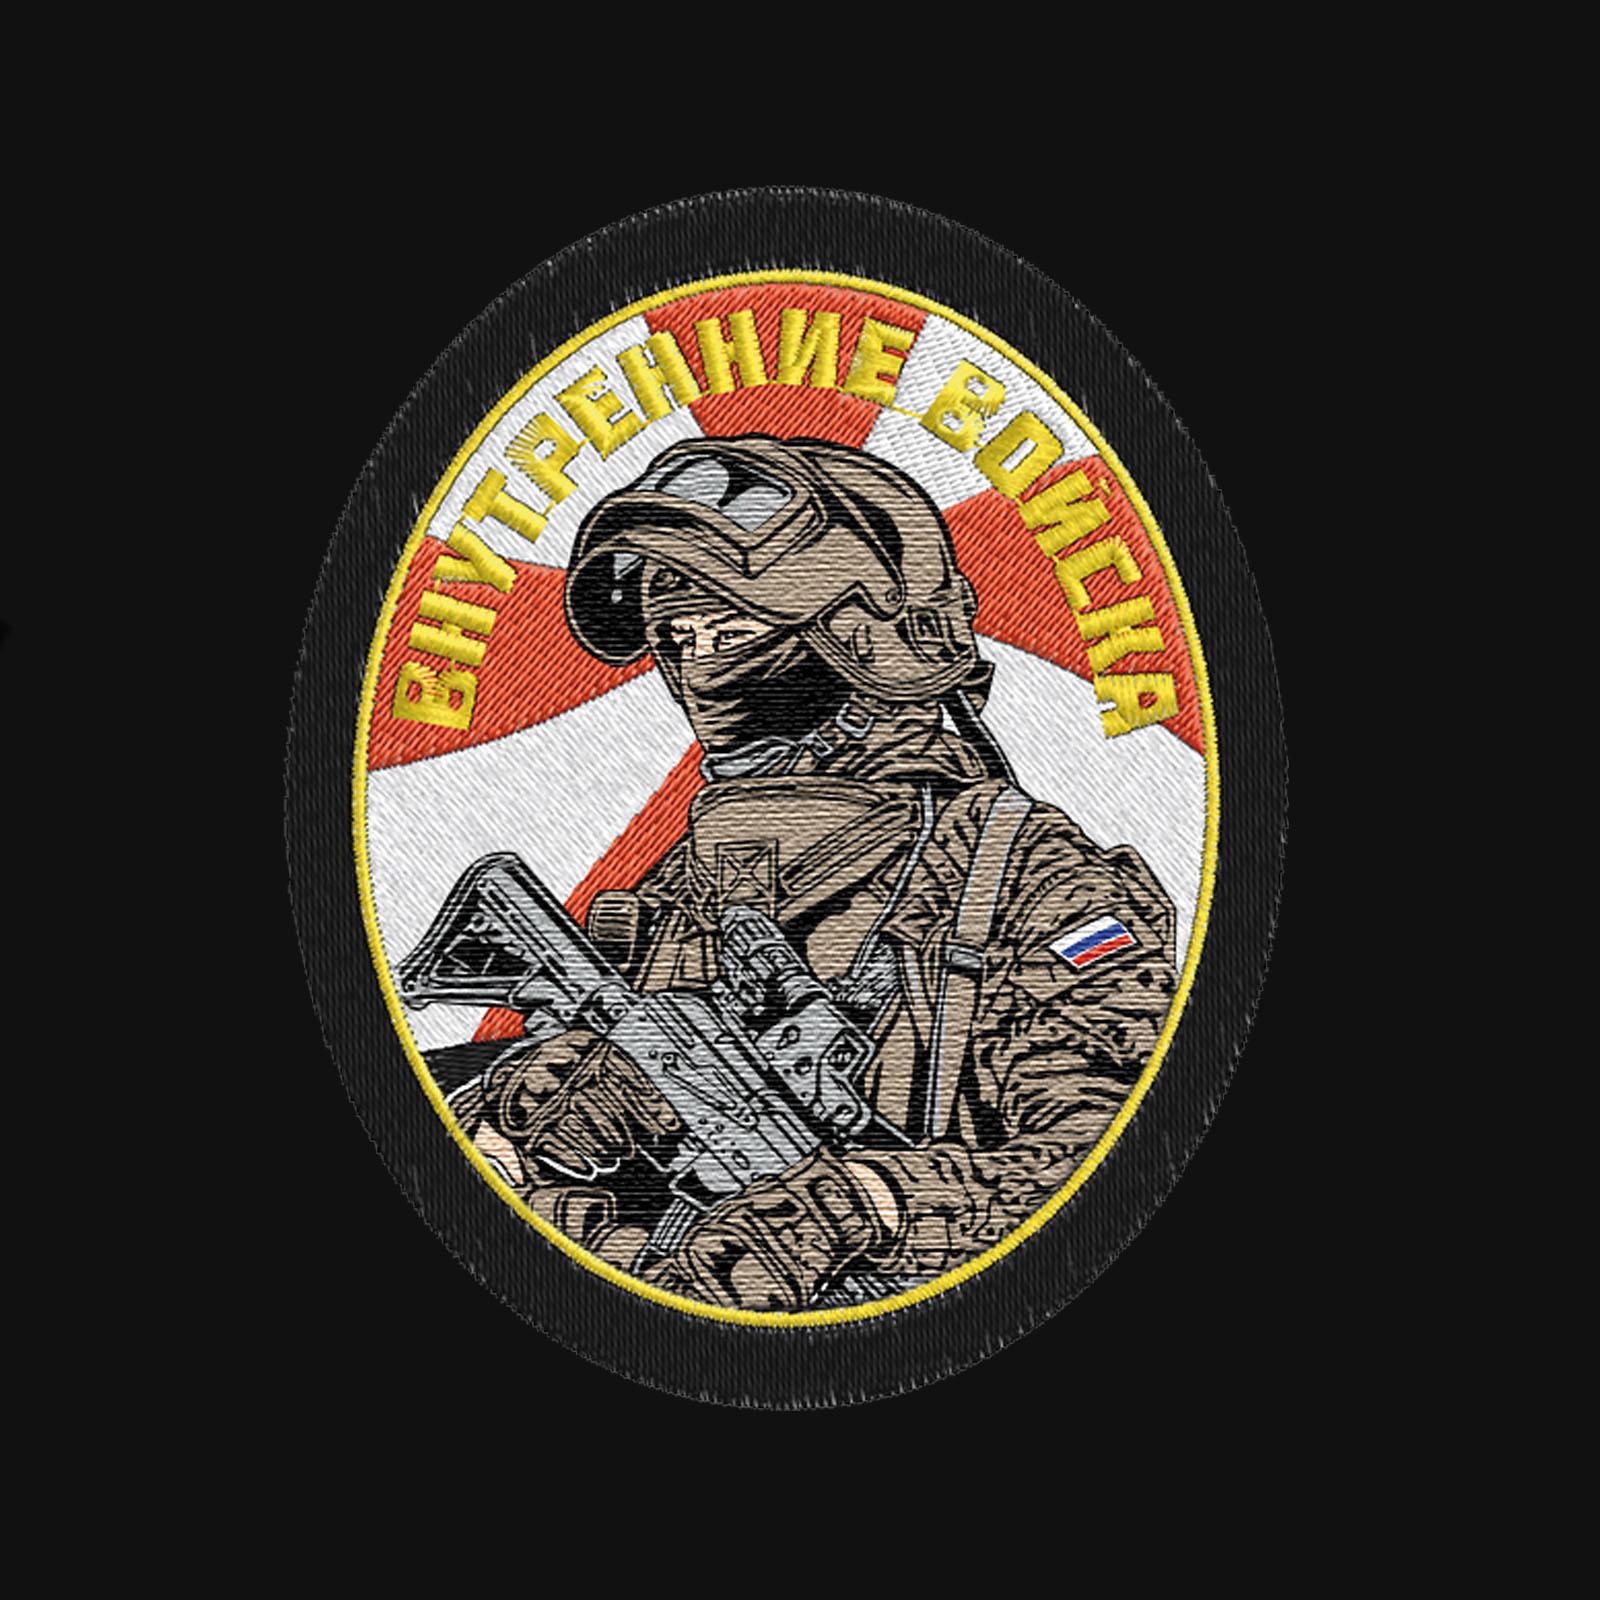 Черная толстовка с эмблемой Внутренних войск купить выгодно